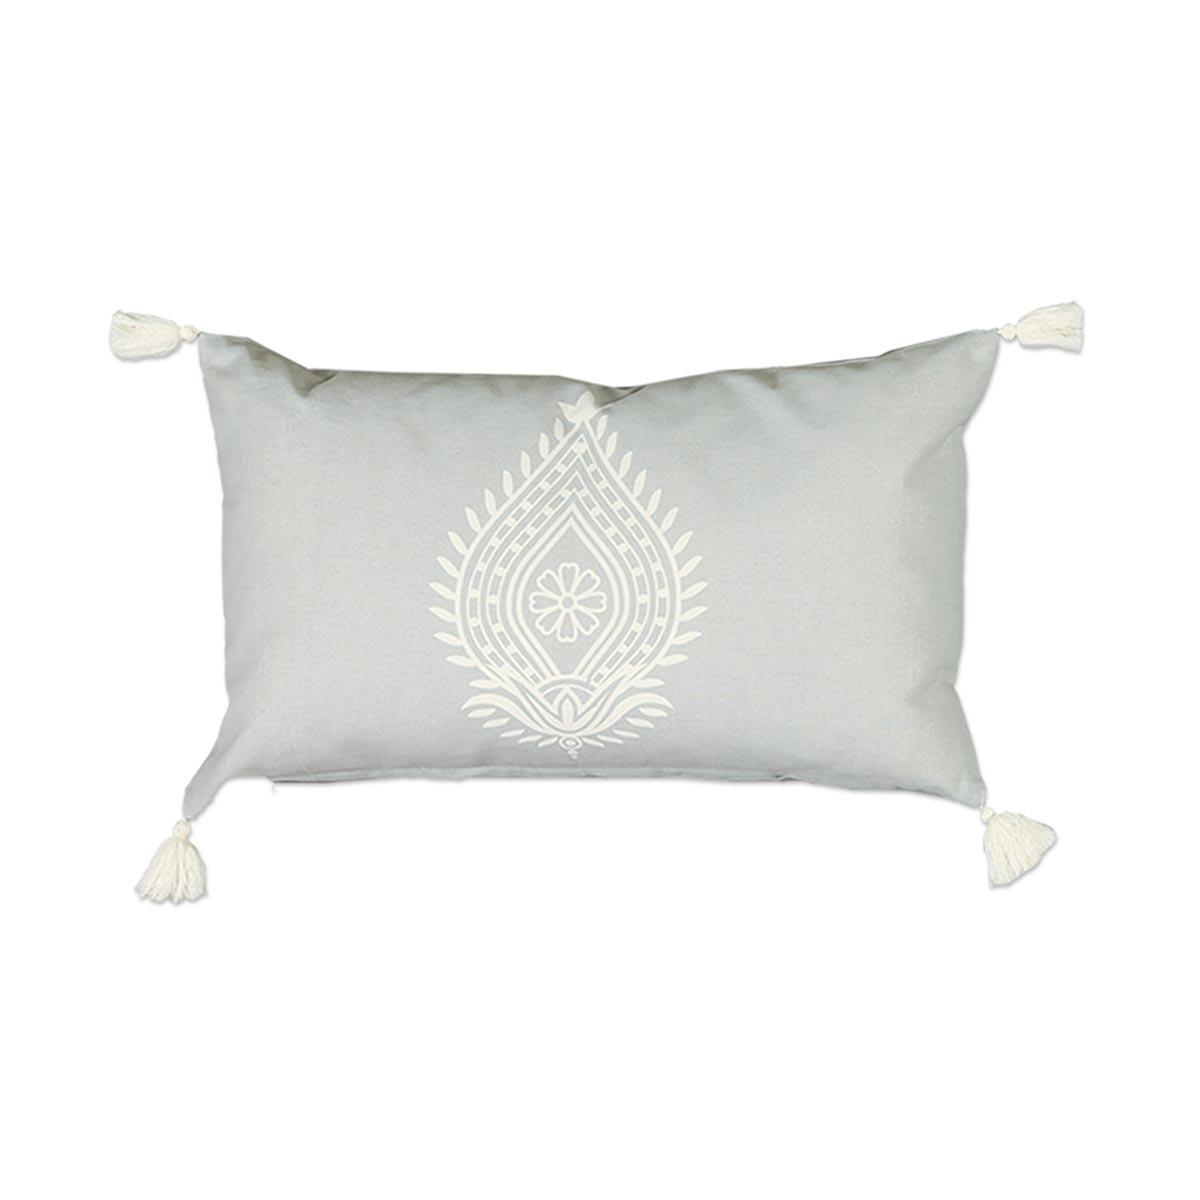 Διακοσμητικό Μαξιλάρι Nef-Nef Tunis Grey